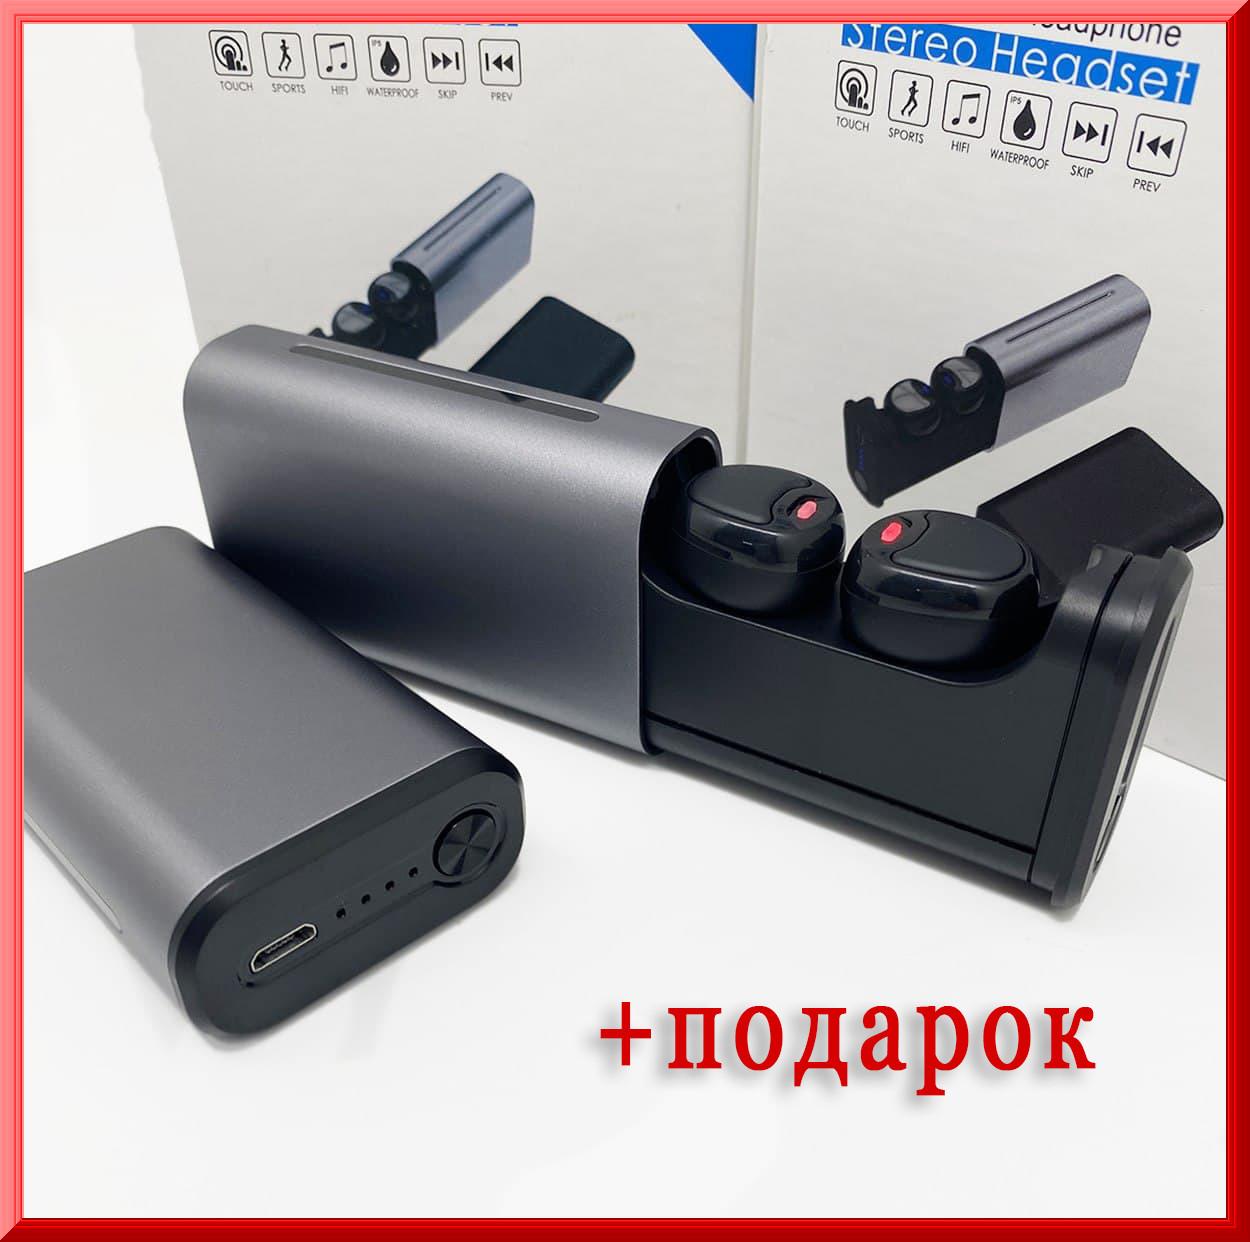 Беспроводные наушники Wi-pods G1 гарнитура Bluetooth 5.0  оригинал с кейсом Power Bank